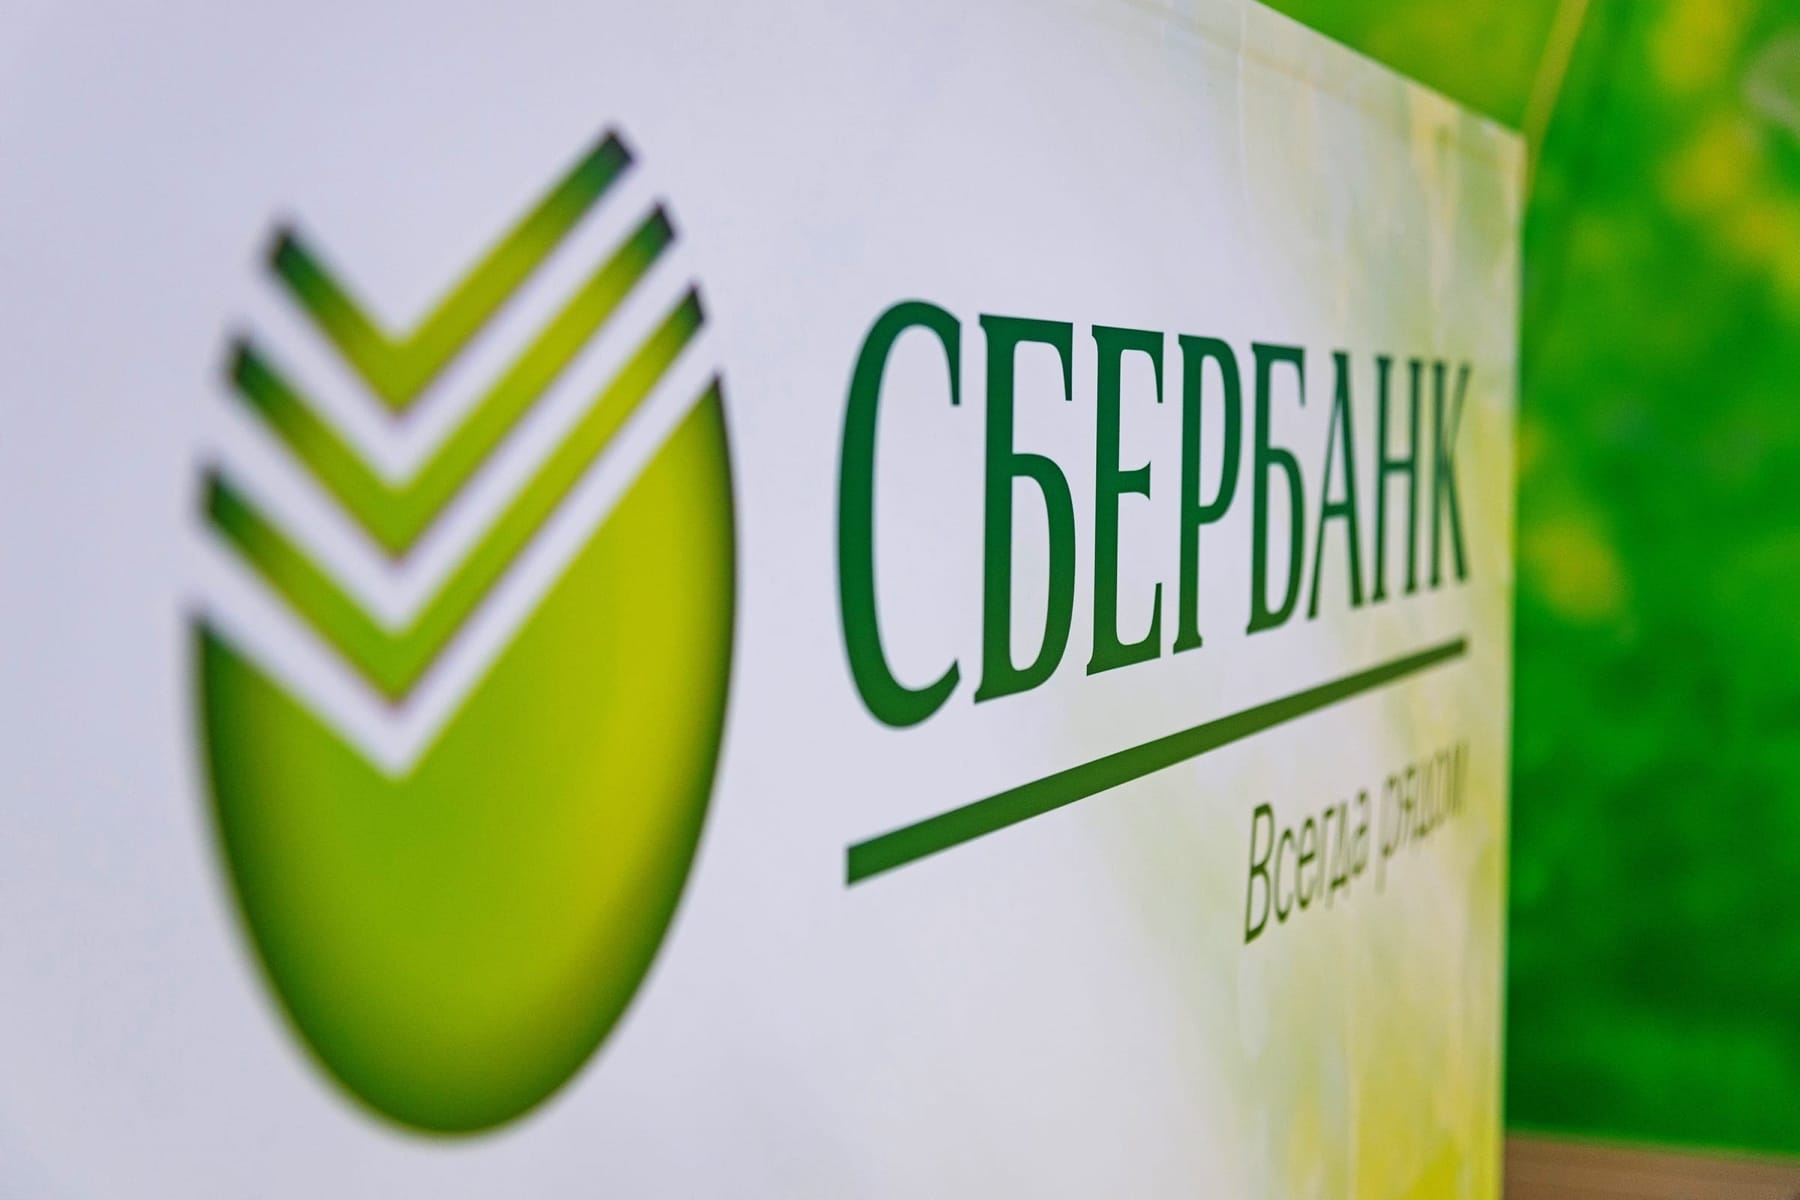 сбербанк кредит на длительный срок альфа банк официальный сайт личный кабинет войти